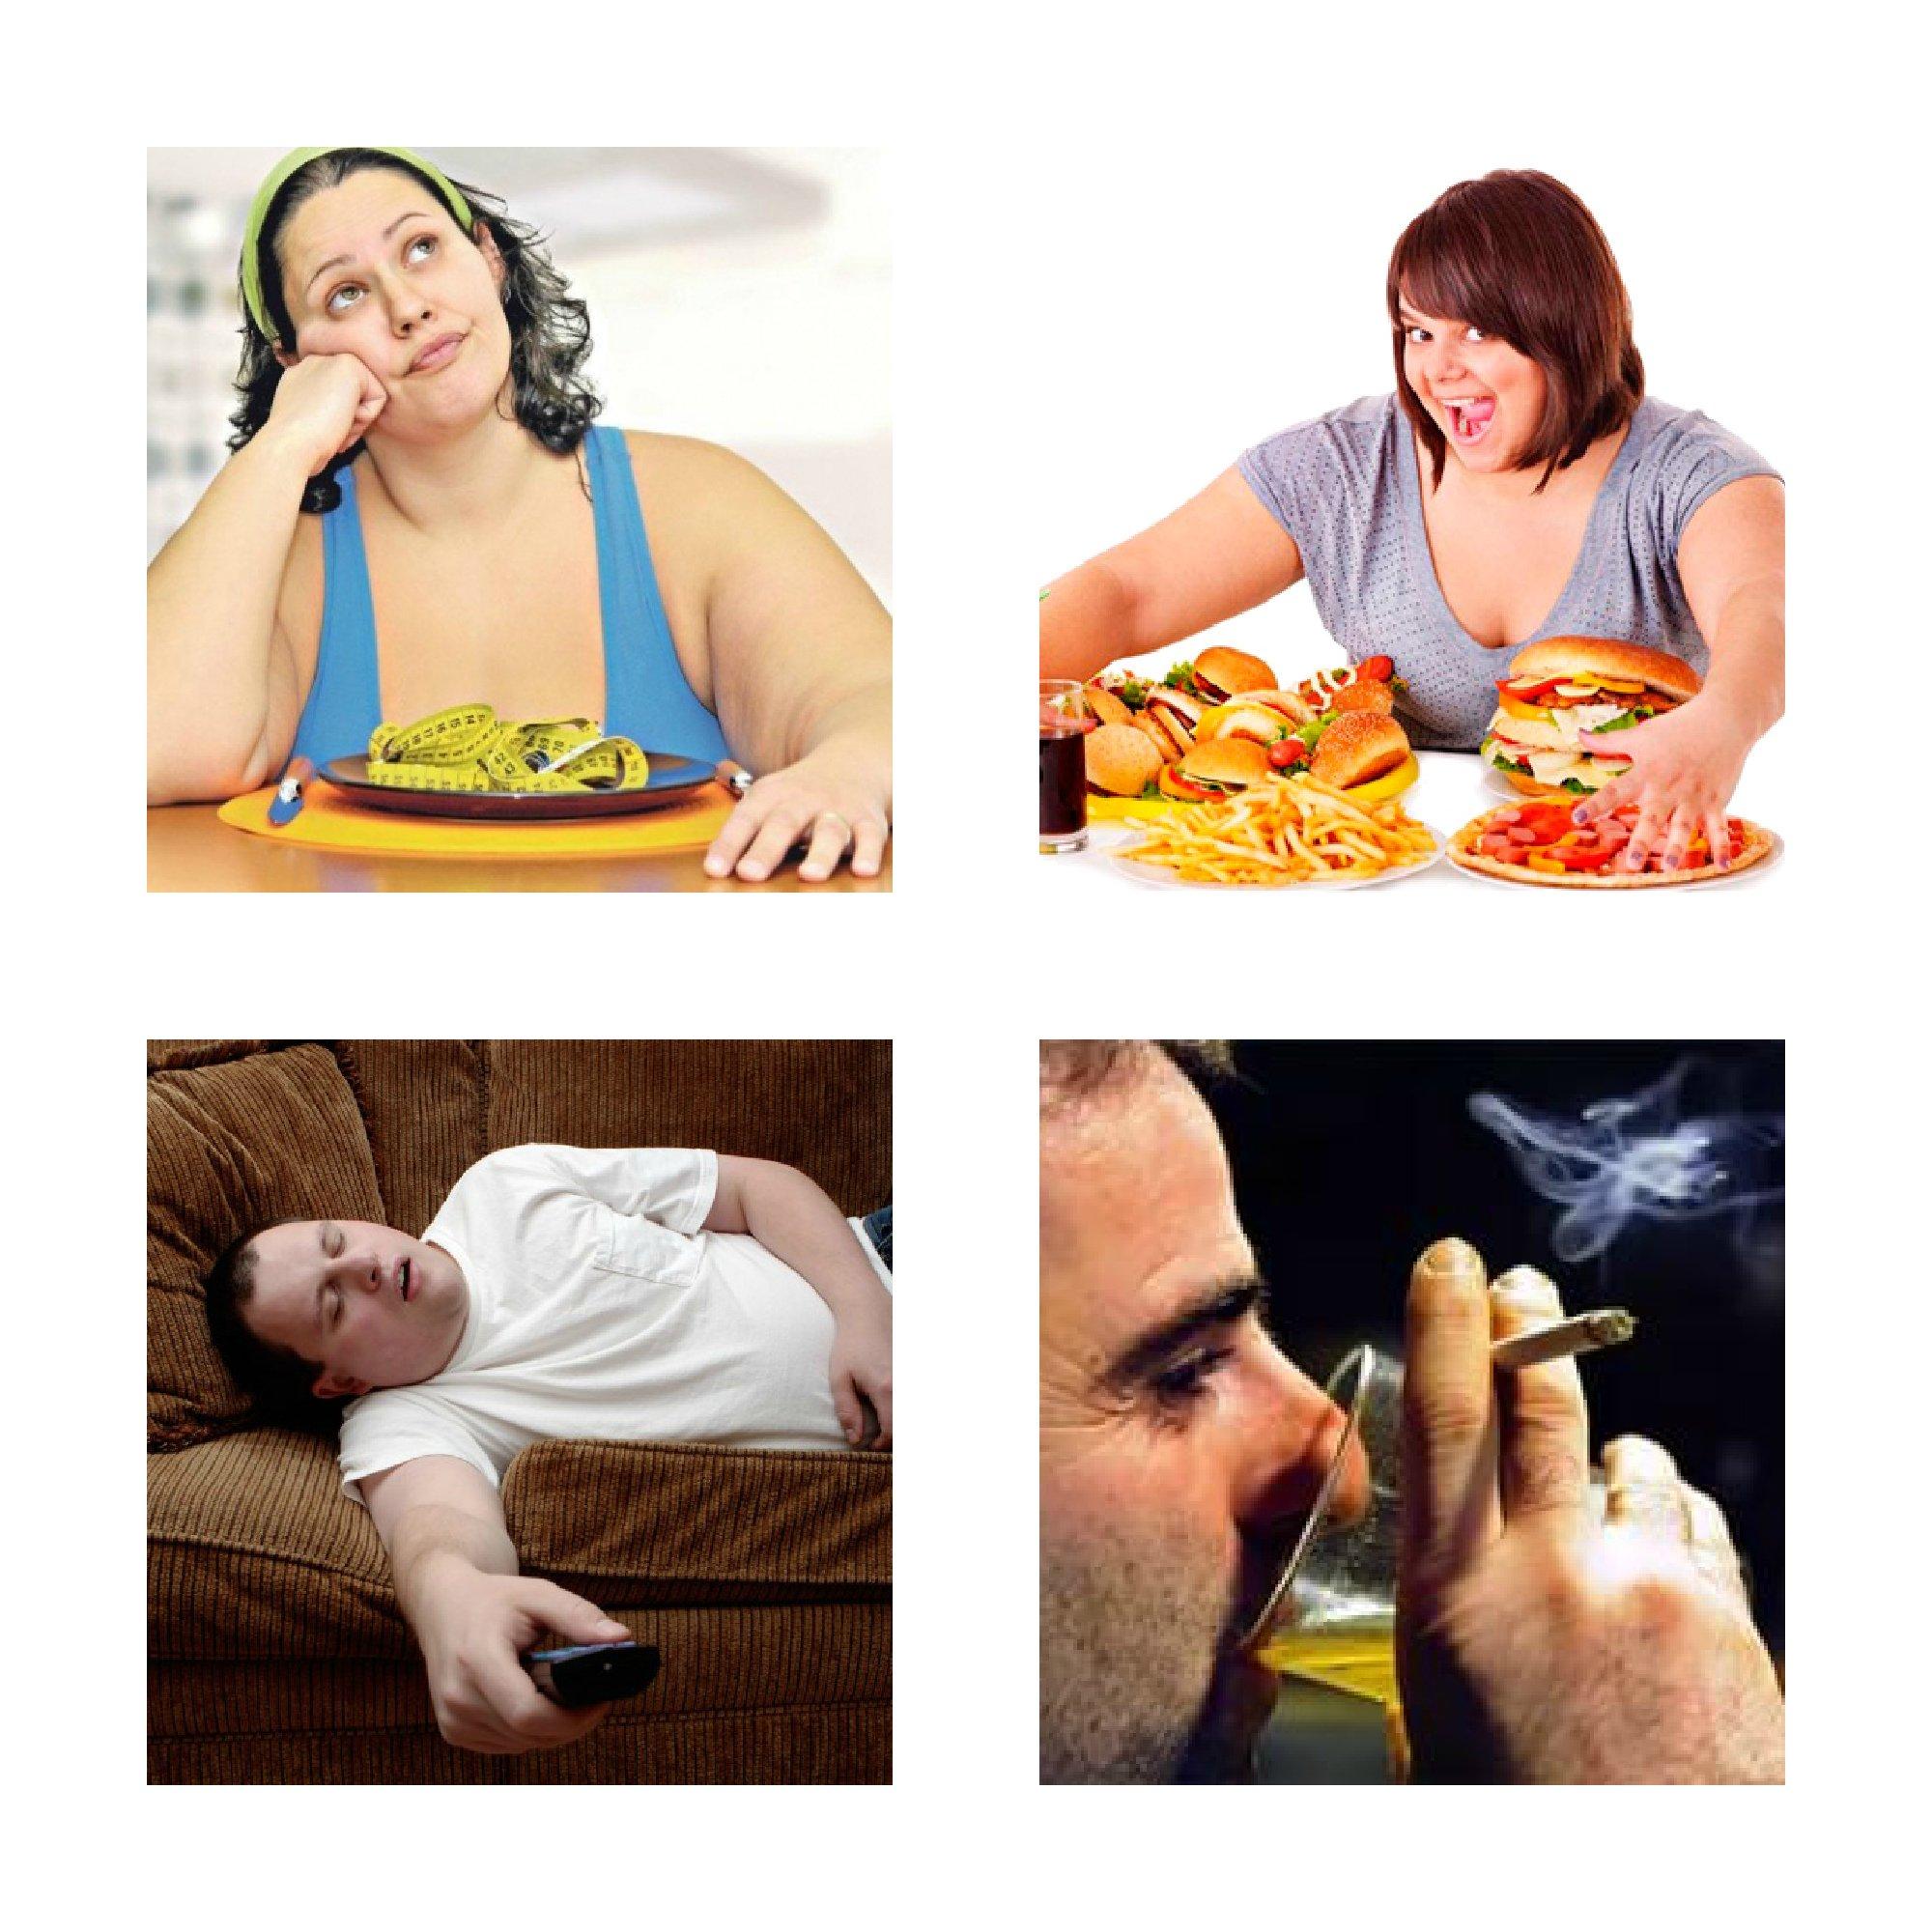 У беременных в возрасте 25-30 лет уровень холестерина считается оптимальным в пределах от 3,3 до 5,8 миллимоль на литр